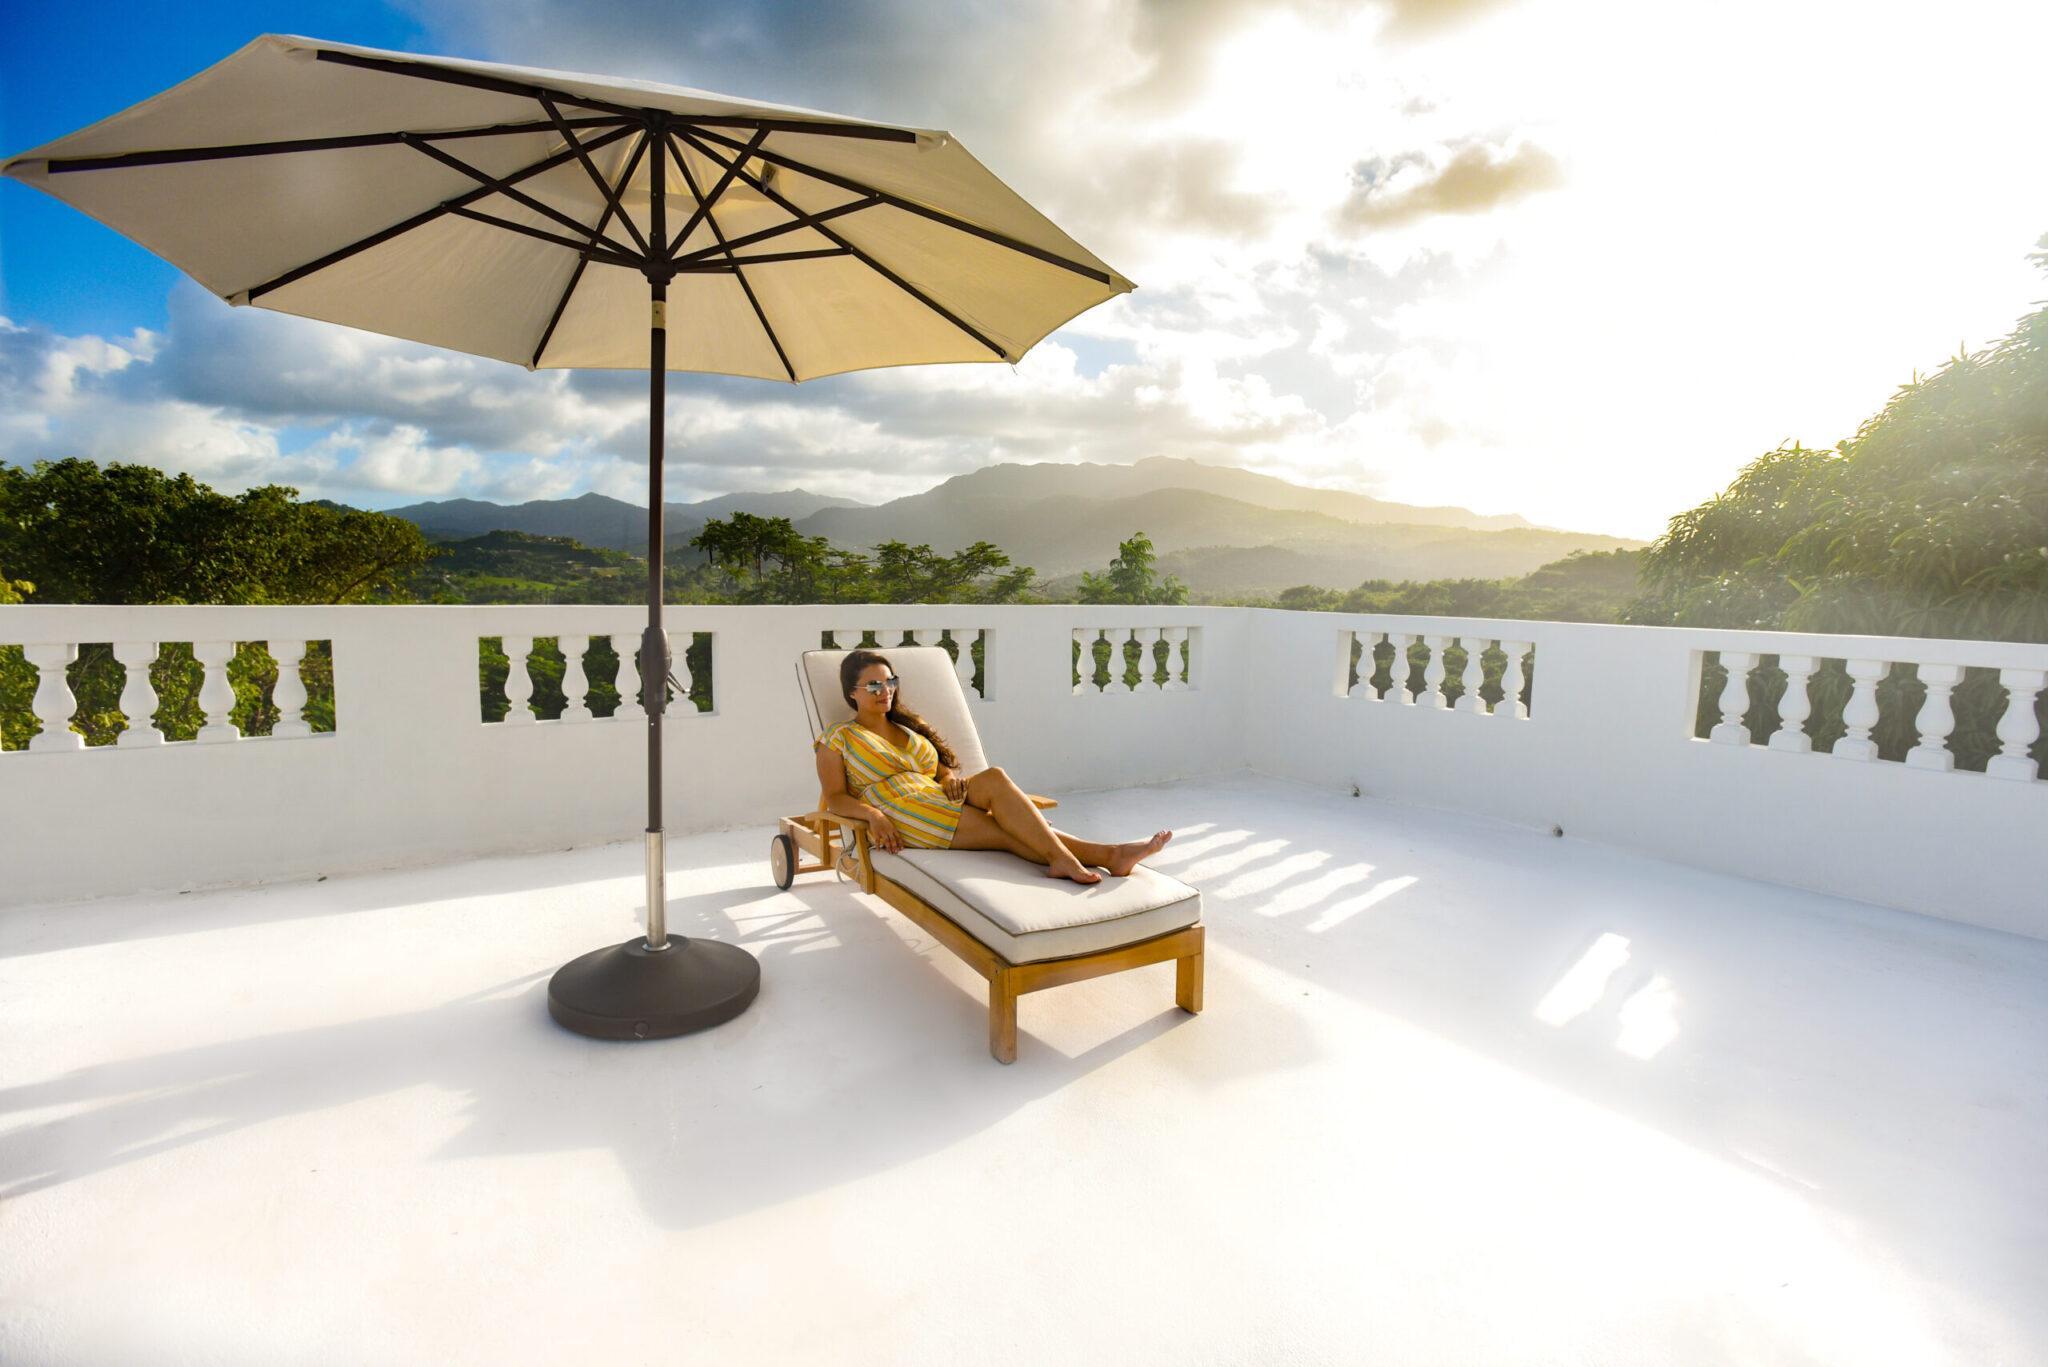 Casa Alternavida Review: A Transformational Retreat in Puerto Rico